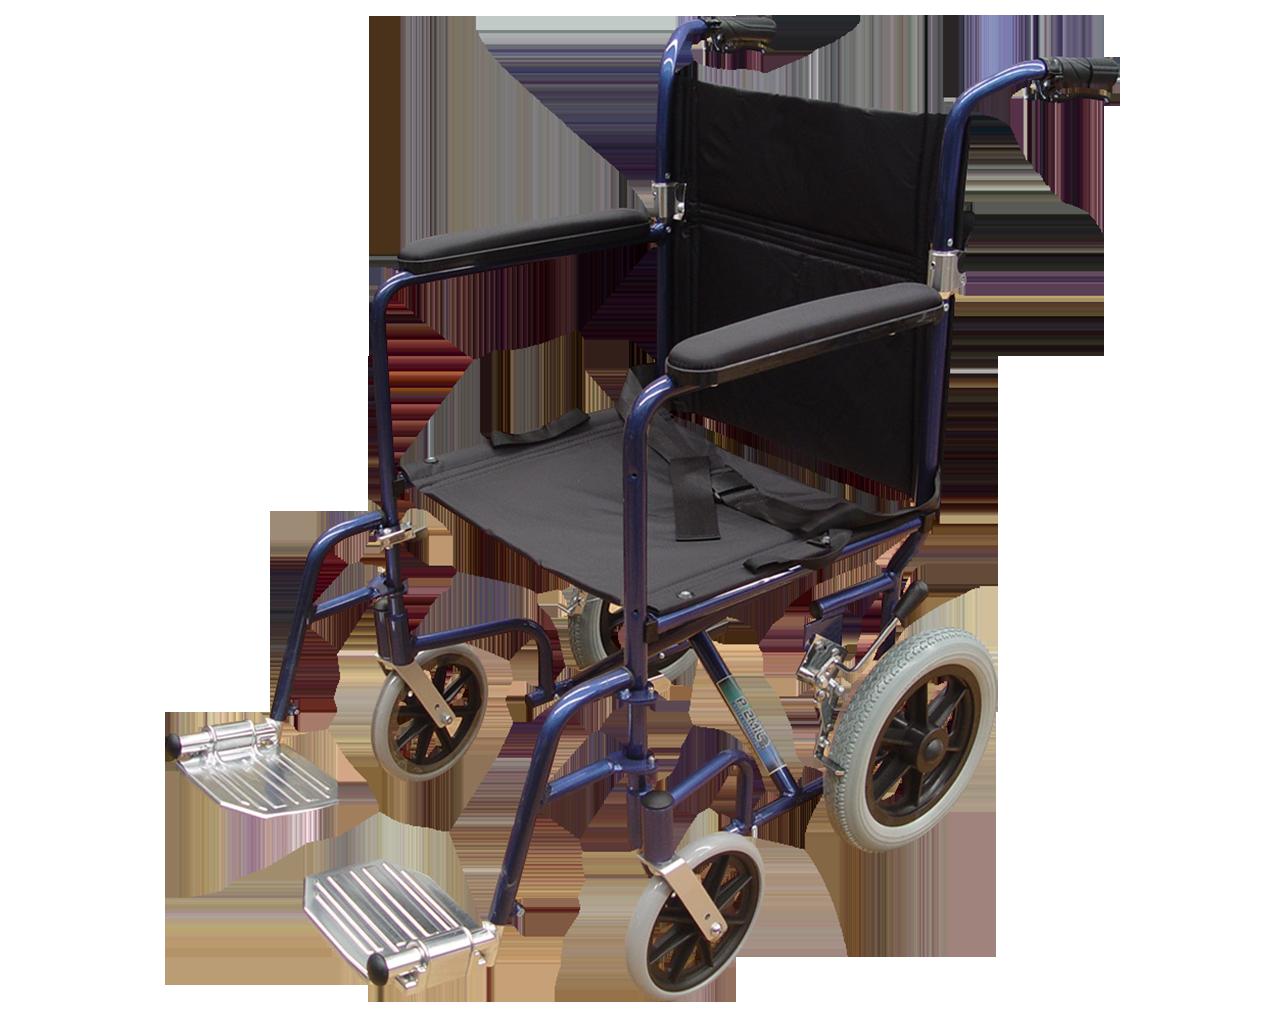 Yatromex silla de ruedas tipo traslado r2mil de aluminio - Silla de traslado ...